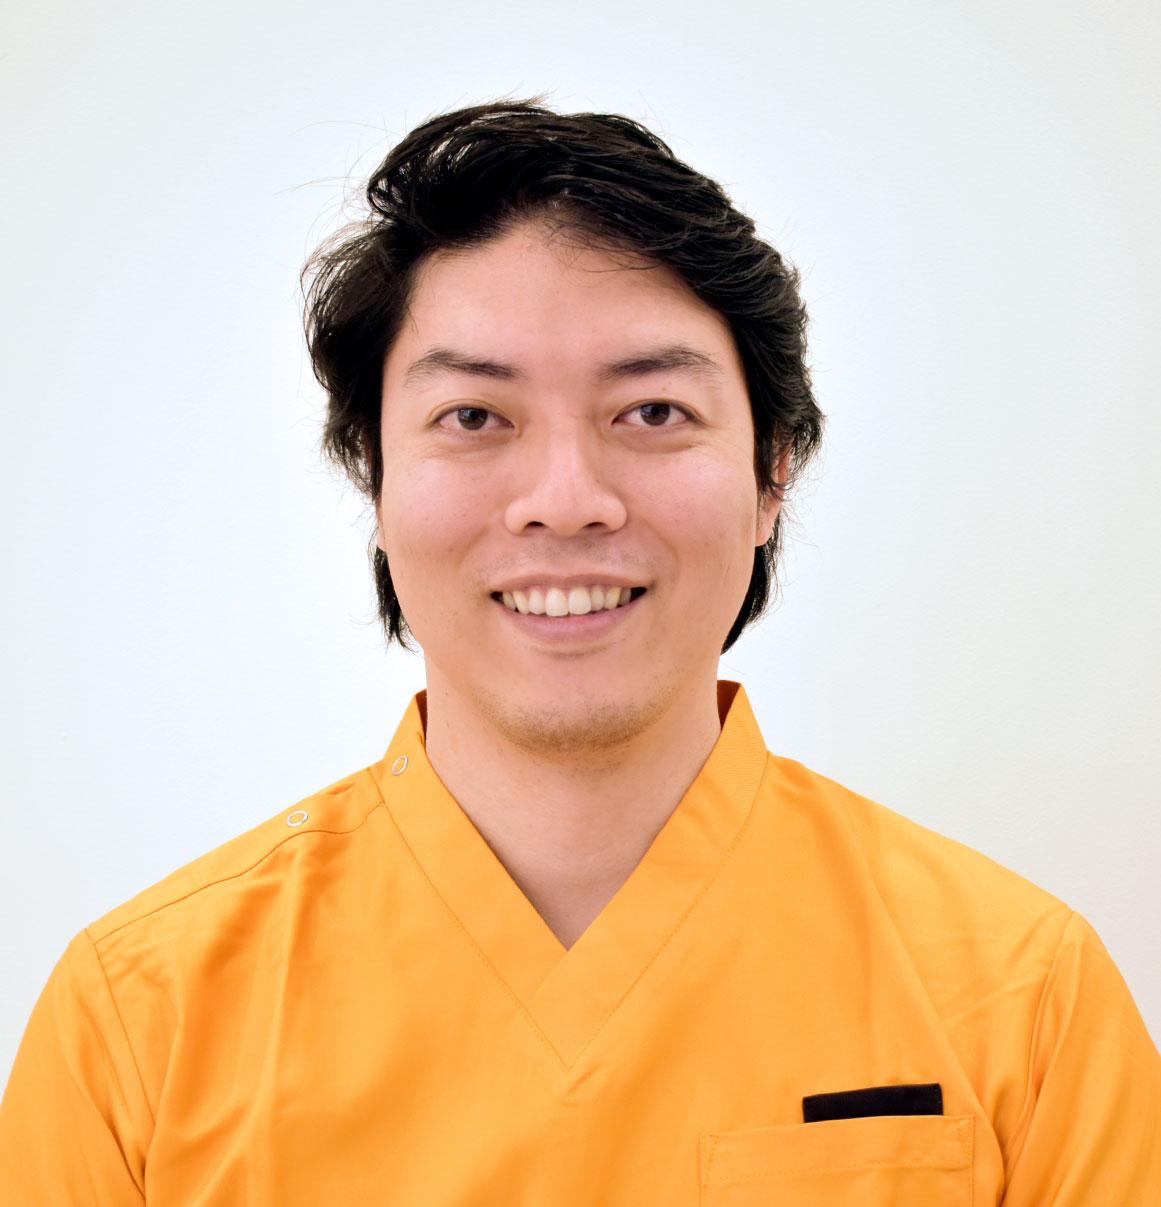 ビーノ御徒町歯科クリニック 理事長 齋藤育実(さいとういくみ)